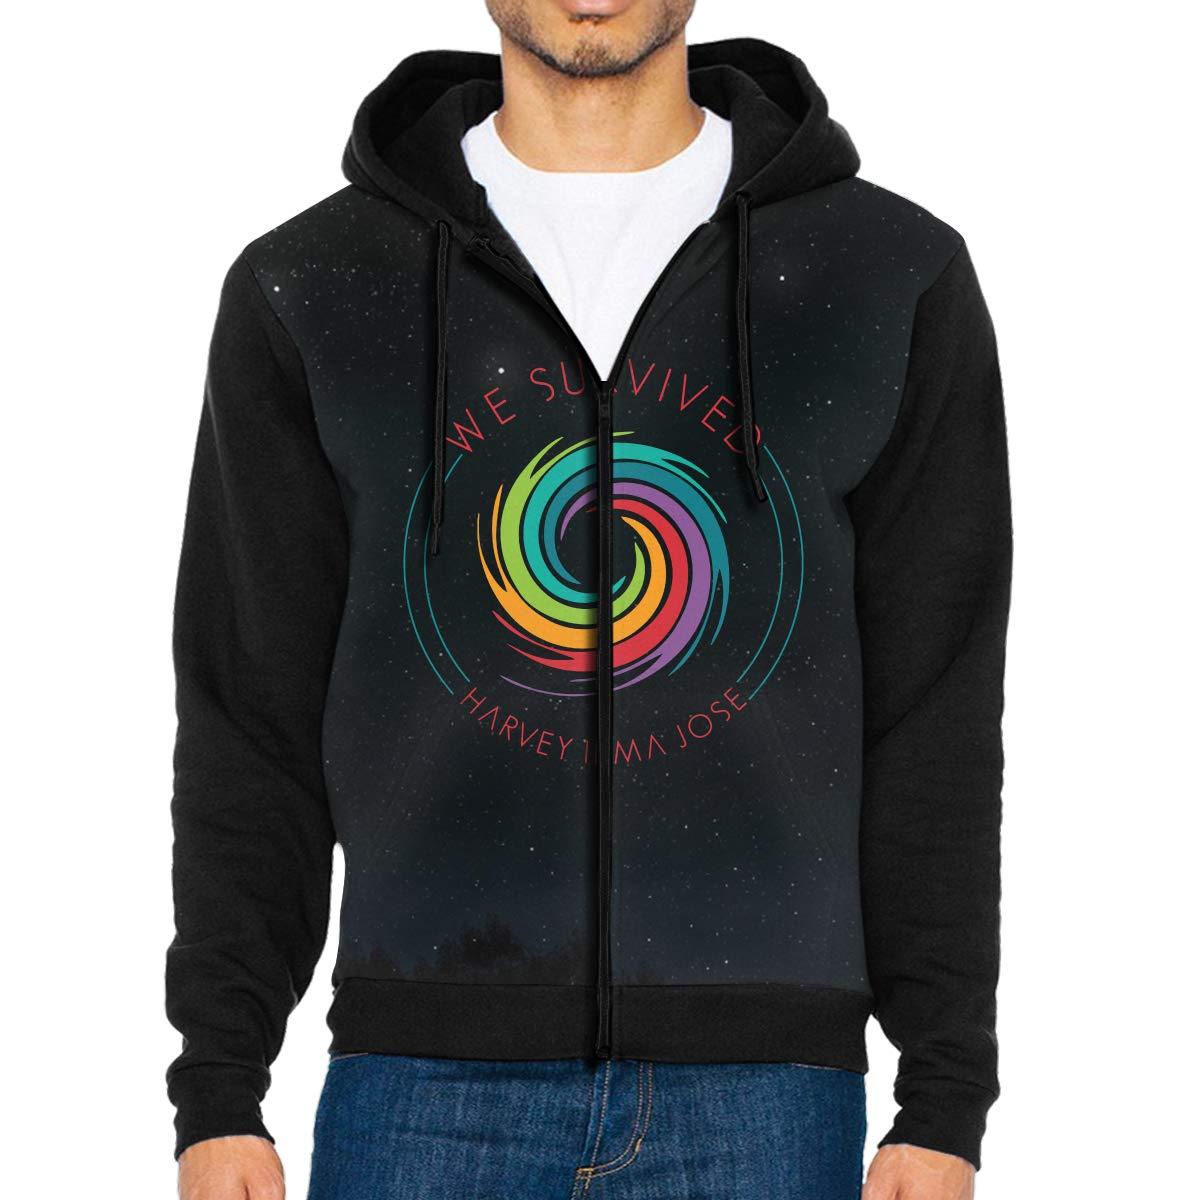 We Survived Hurricane Mens Full-Zip Hoodie Jacket Pullover Sweatshirt